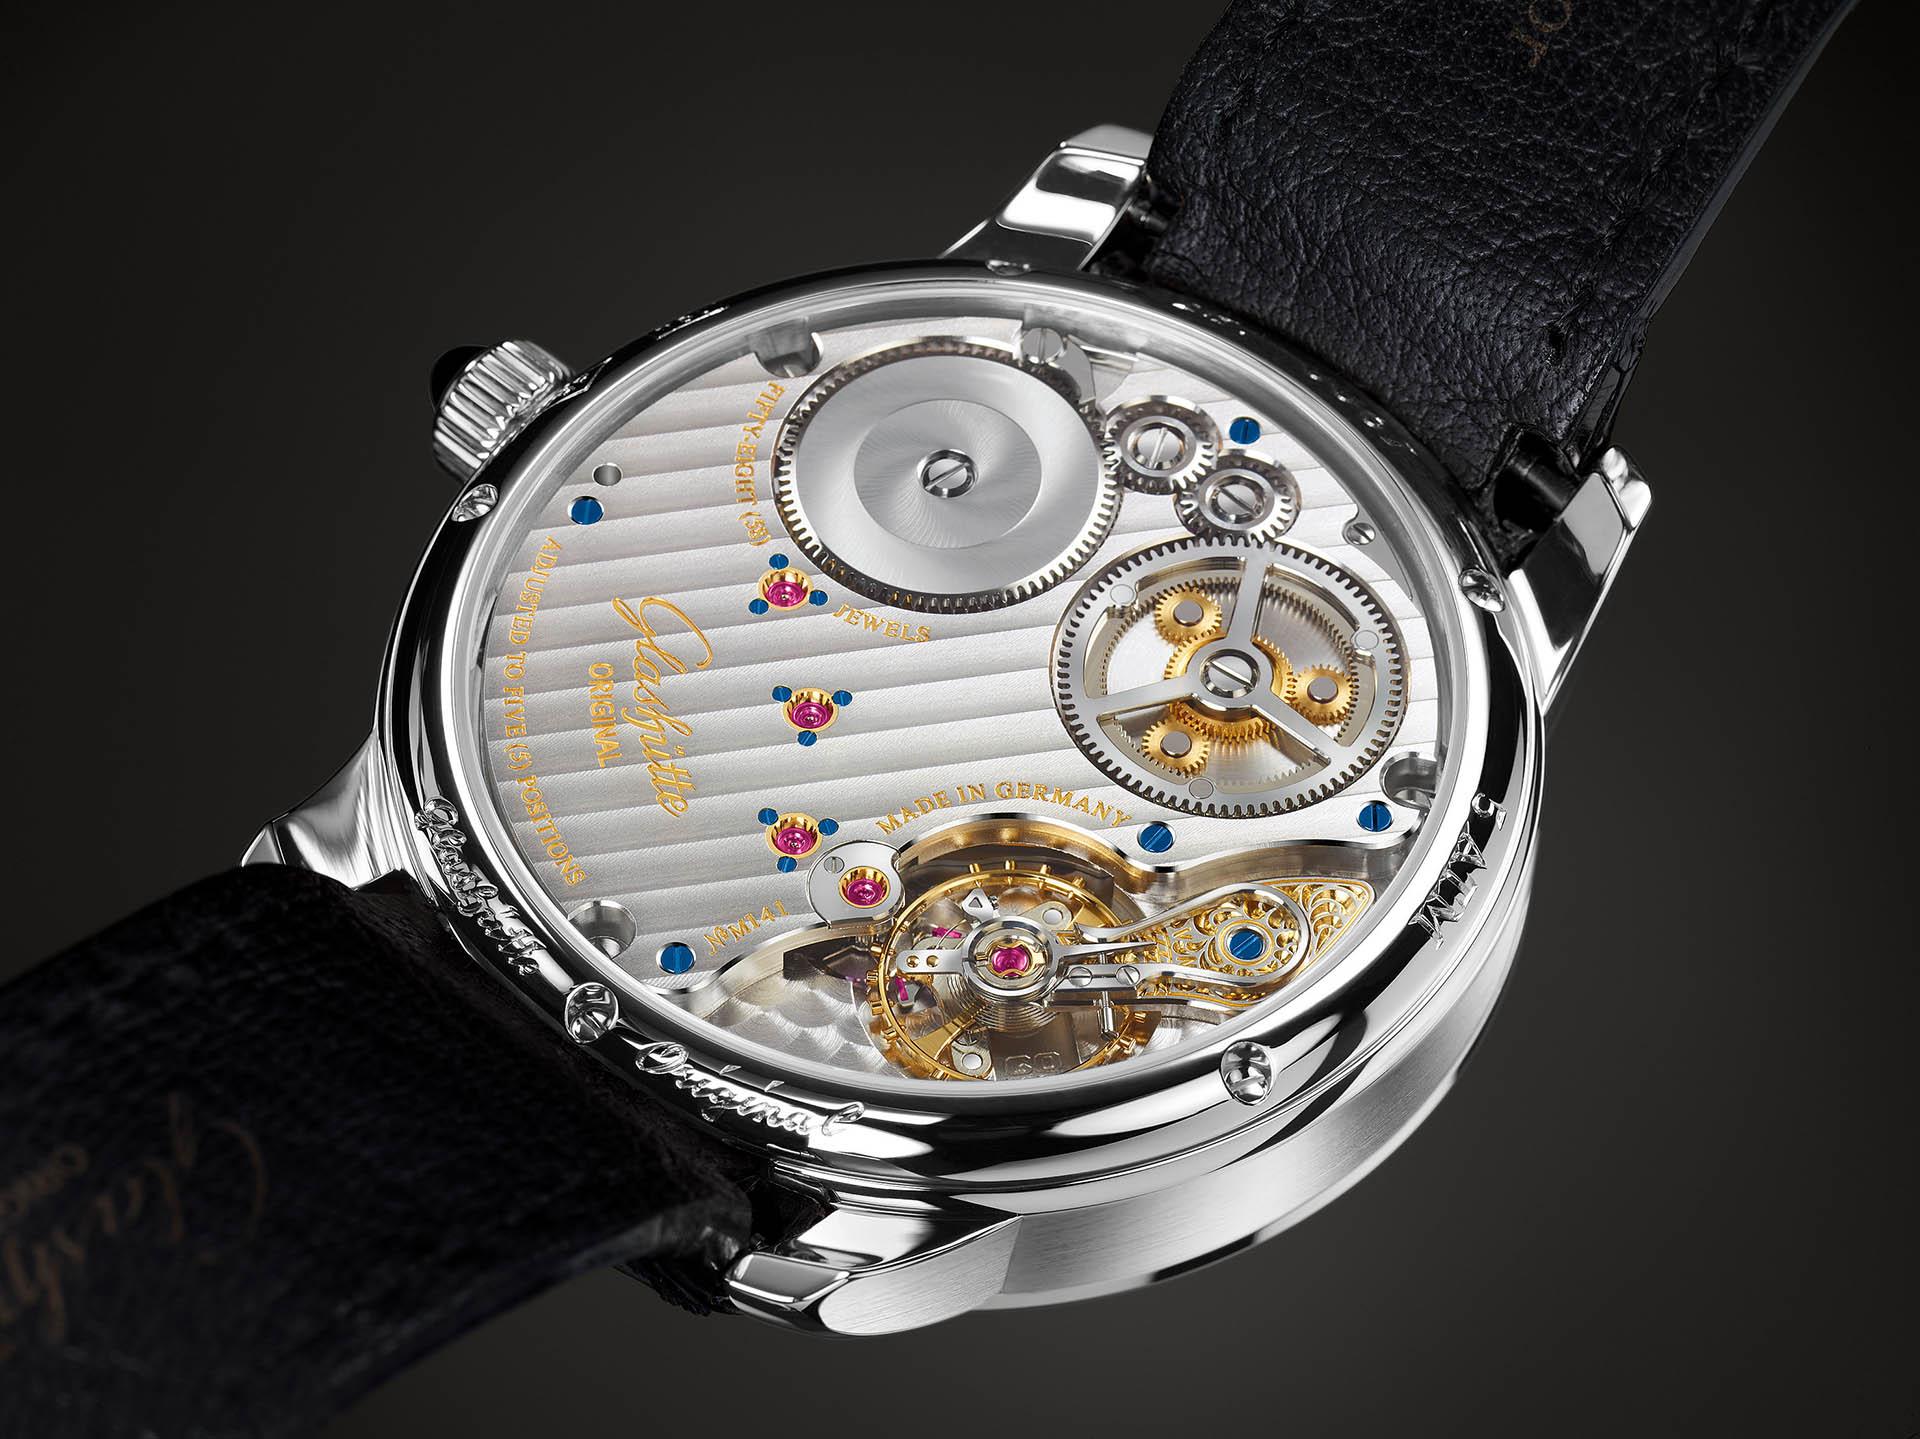 Handaufzugskaliber 58-01 arbeitet im Senator Chronometer von Glashütte Original. Neben dem Federhaus (links oben) gut zu sehen: das Planetenrad-Differenzial.